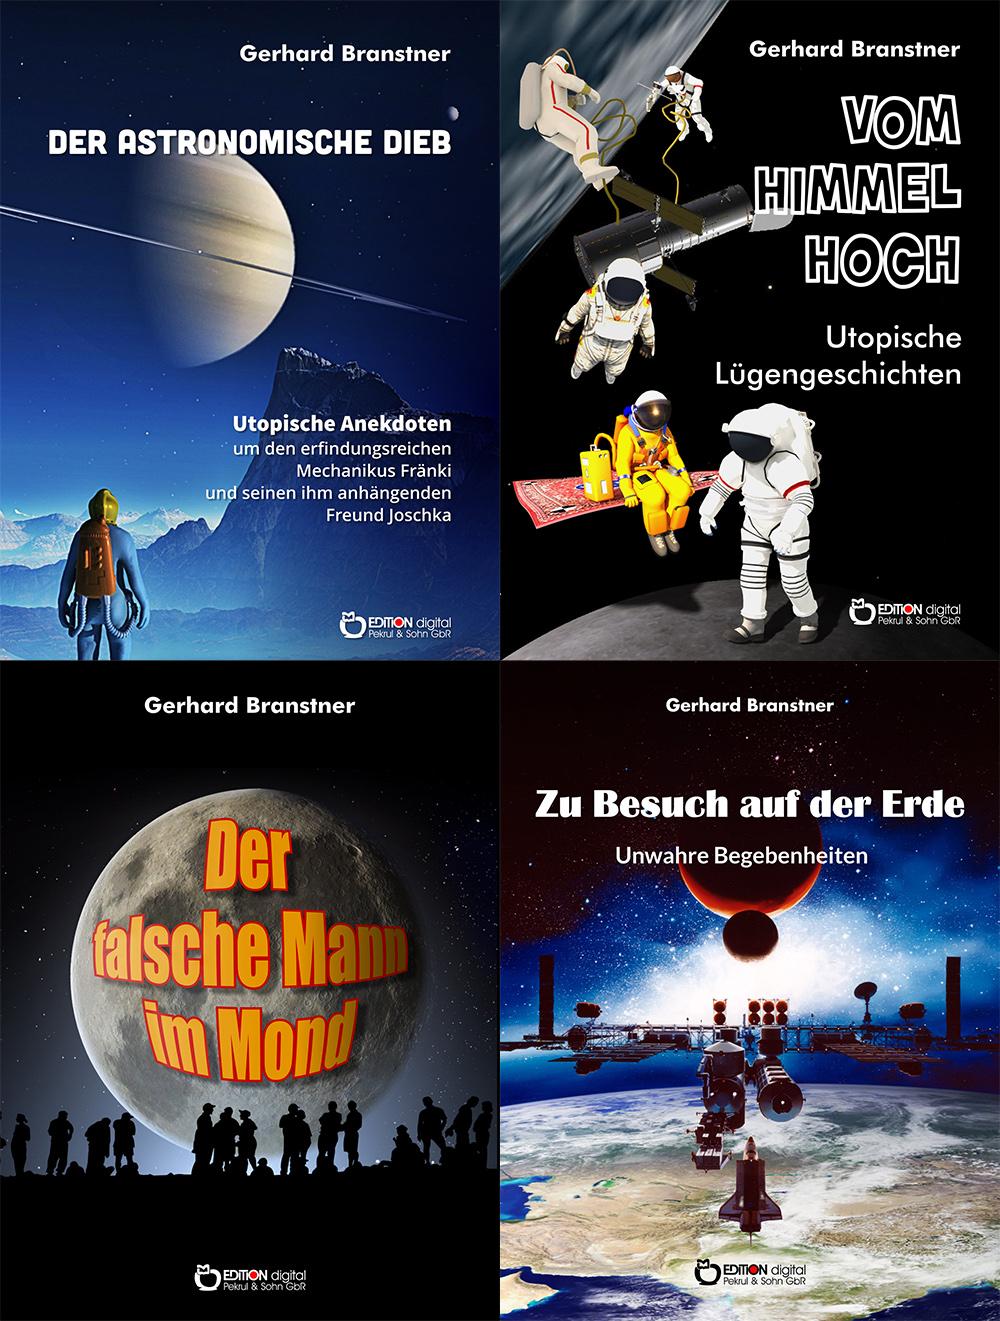 Ein Spezialist ausgesprochen humoristischer Science Fiction - Alle SF-Bücher von Gerhard Branstner bei EDITION digital